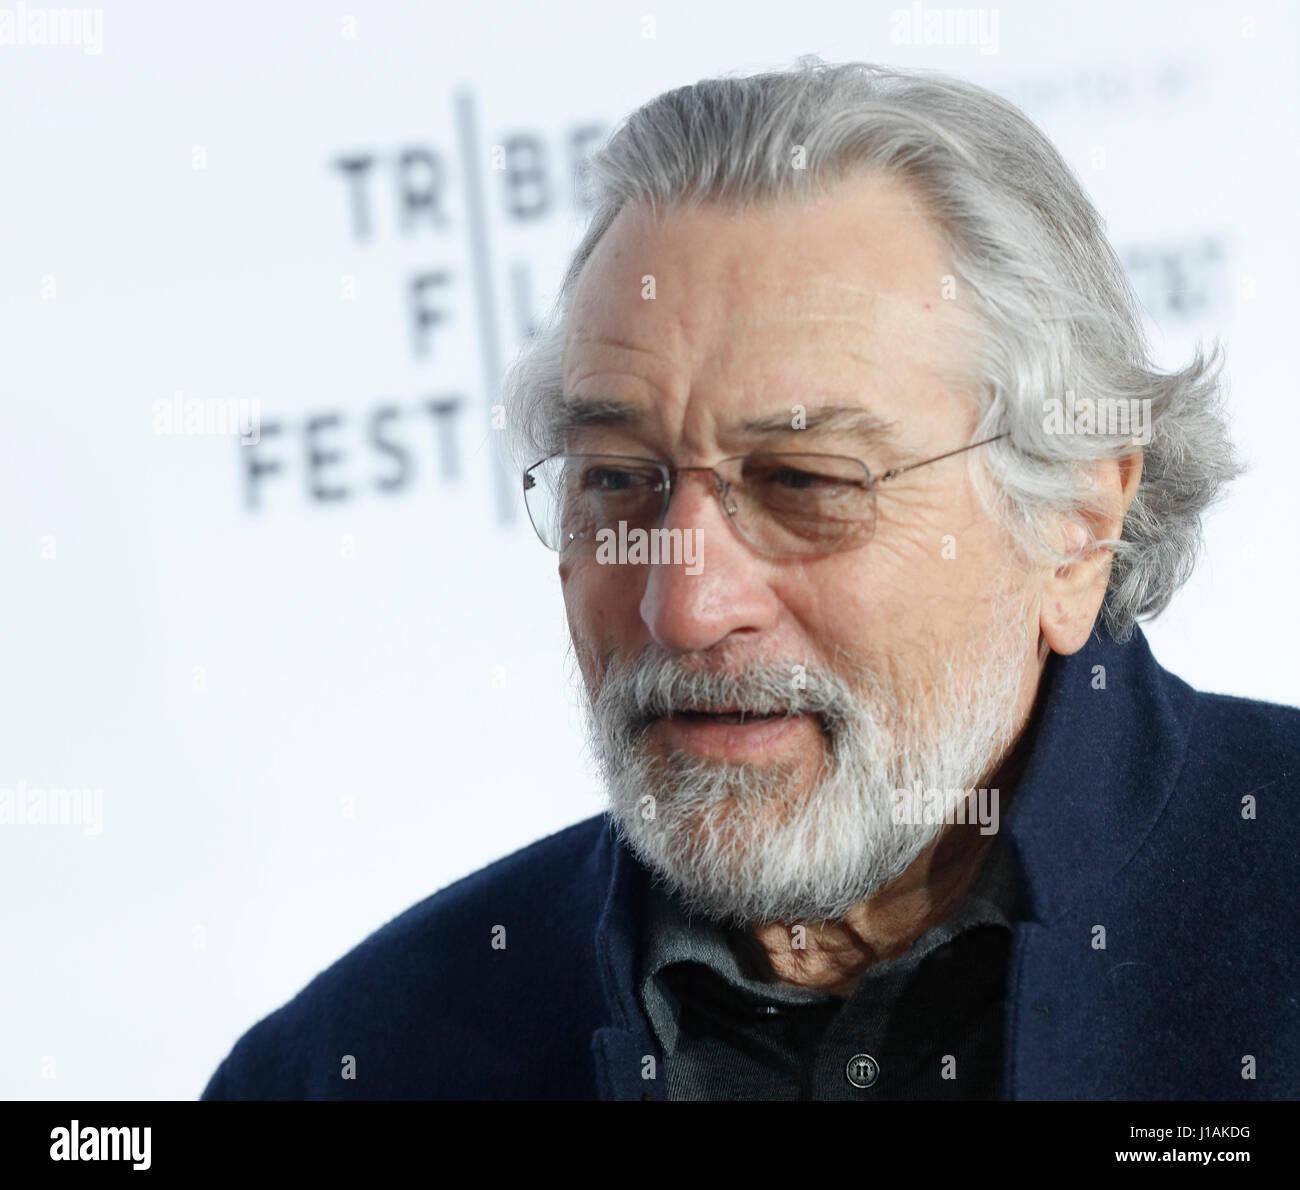 New York, USA. 19 avril, 2017. Robert De Niro arrive au Tribeca Film Festival 2017 Soirée d'ouverture, Photo Stock